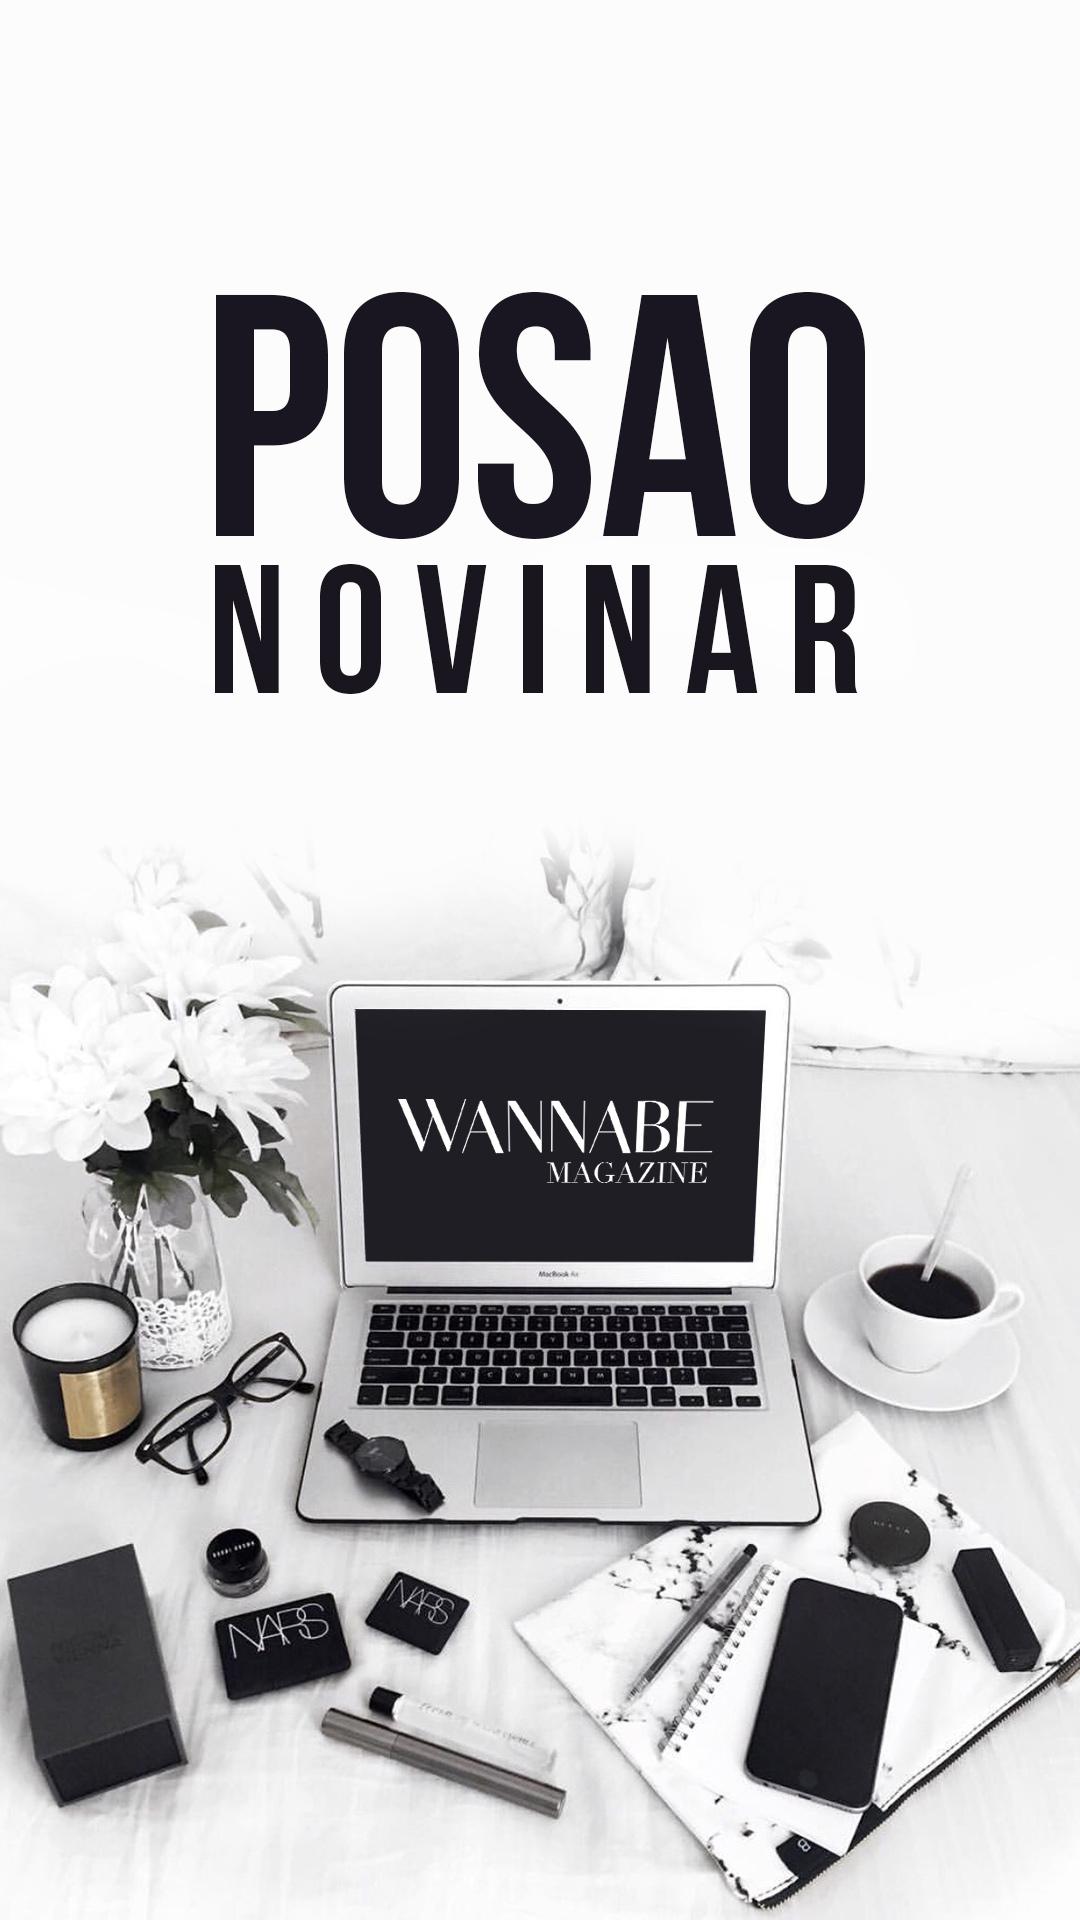 oglas POSAO: Tražimo NOVINARA   priključi se WANNABE MAGAZINE timu!